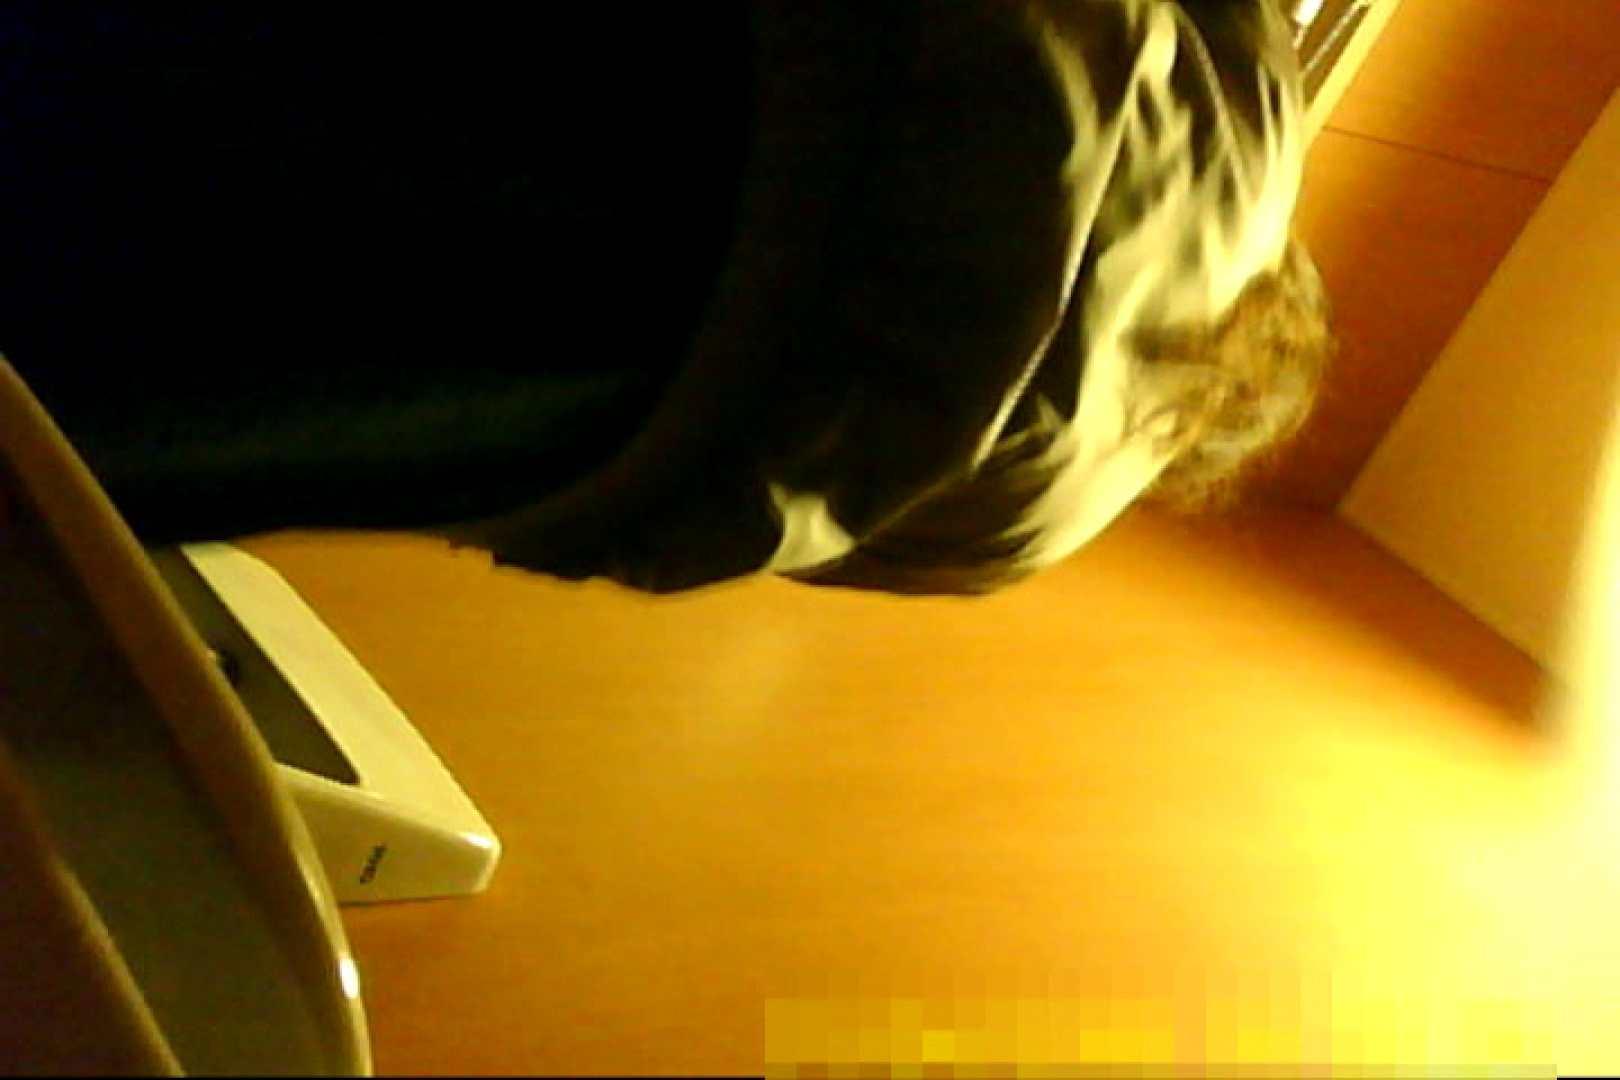 魅惑の化粧室~禁断のプライベート空間~30 プライベート映像  108pic 72